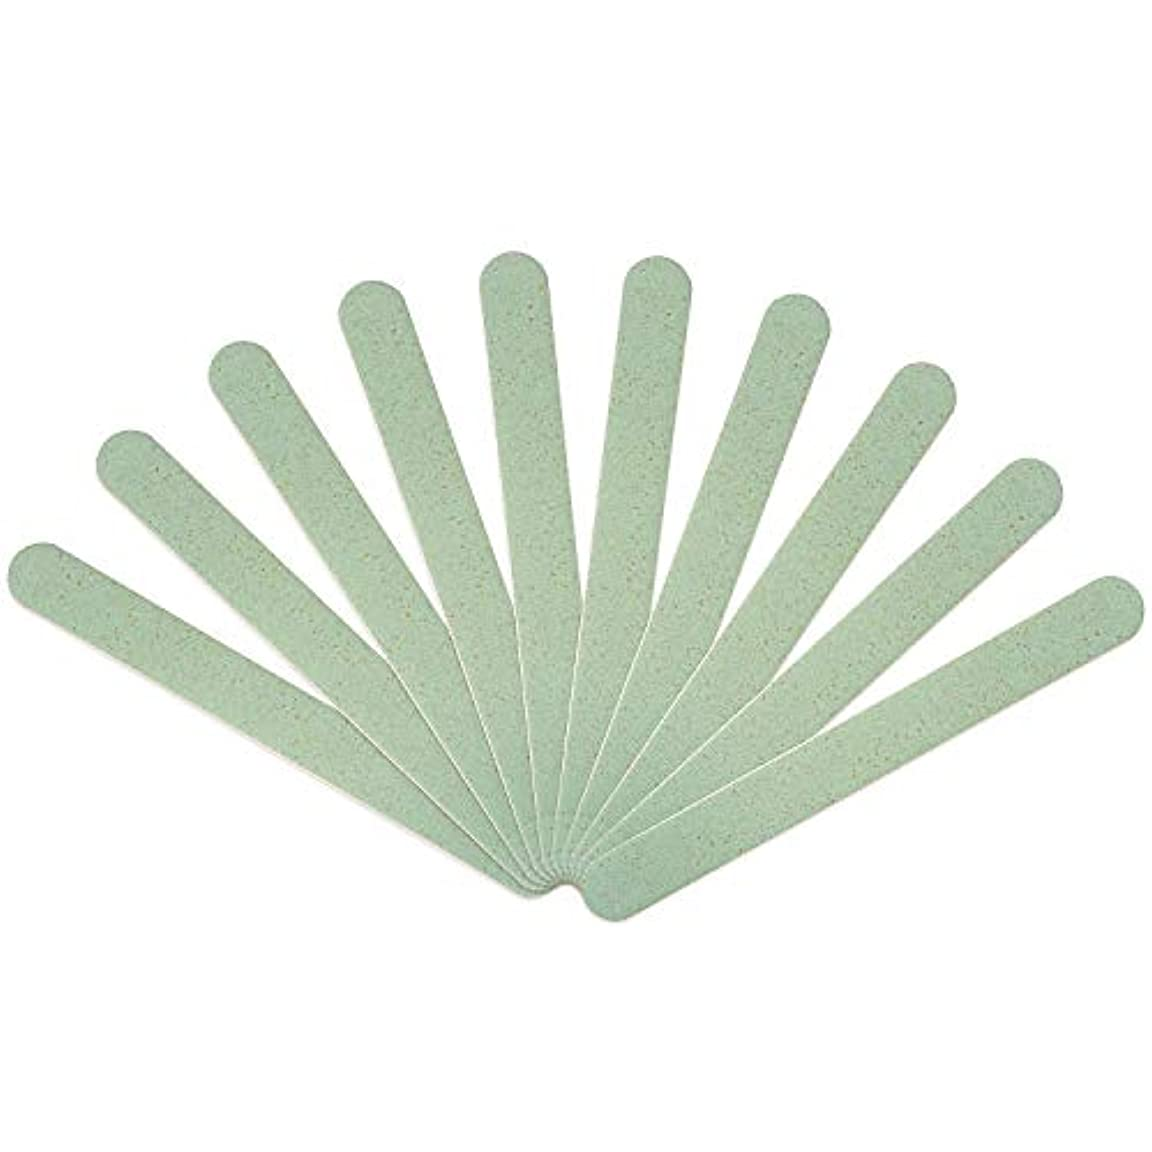 縮約巻き取り野なCIPOWバッファー 爪やすり 爪 磨き ネイルシャイナー 10本入バッファー400/6000グリット ネイルをつやつやに スポンジファイル ソフトファイル ネイルポリッシュファイル